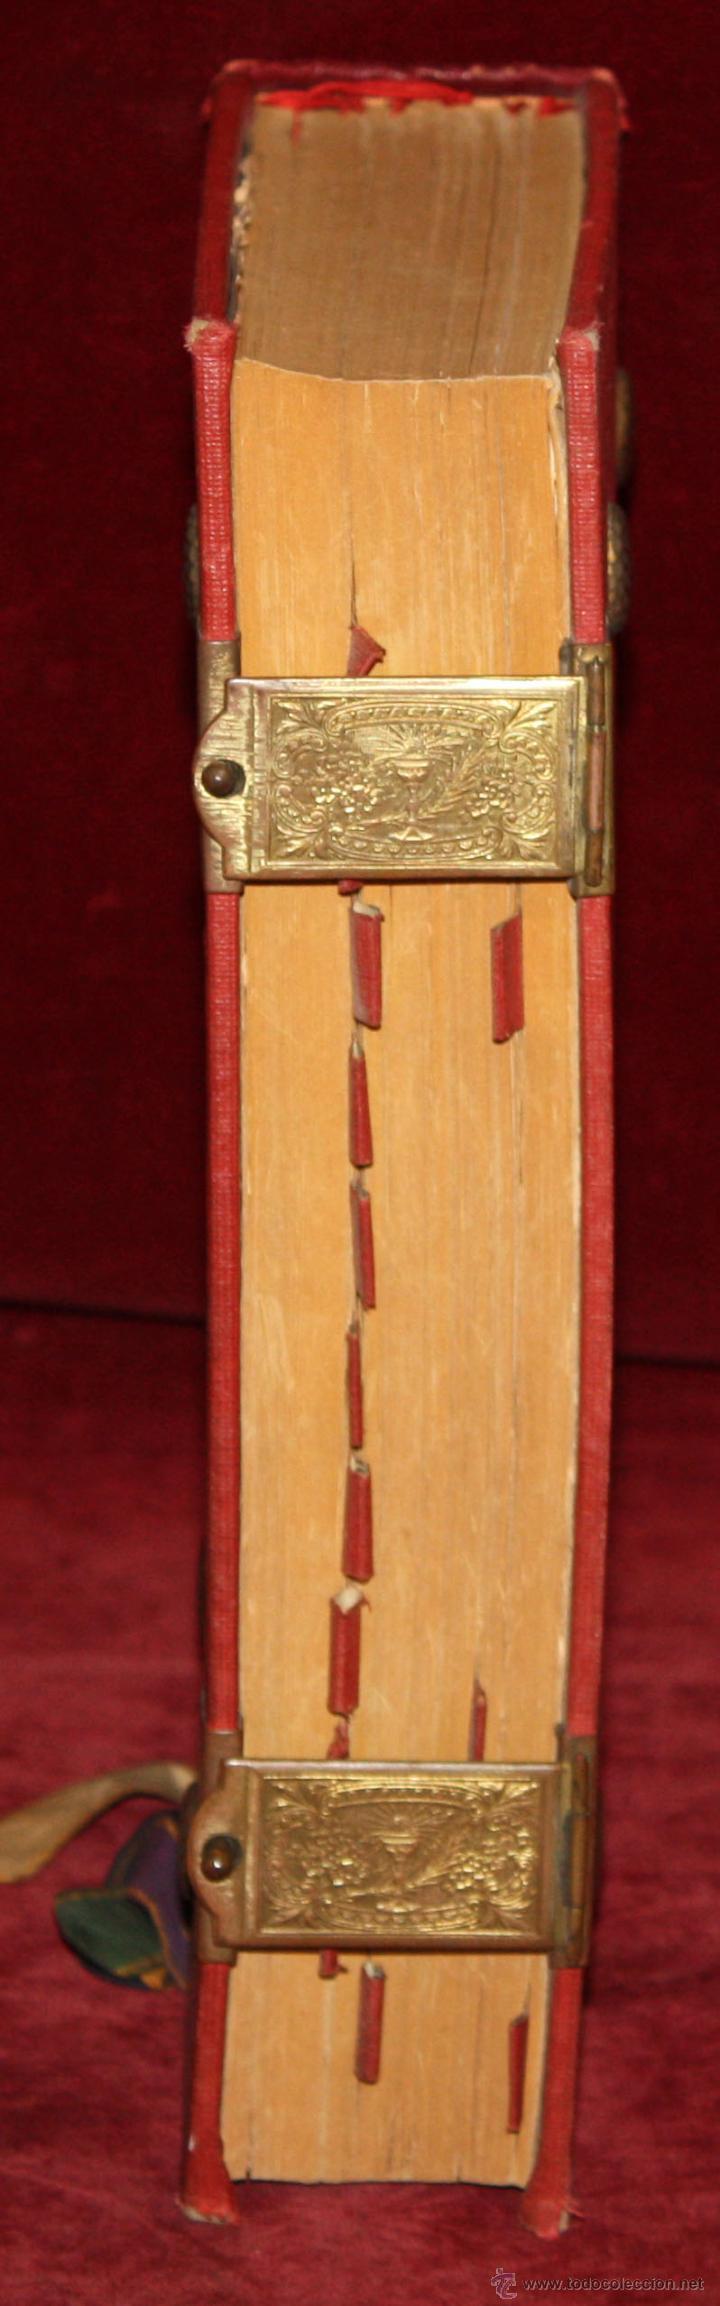 Libros de segunda mano: INTERESANTE MISSALE ROMANUM DEL AÑO 1940. GRAN FORMATO. INTERIOR CON LITOGRAFÍAS... - Foto 4 - 49285154